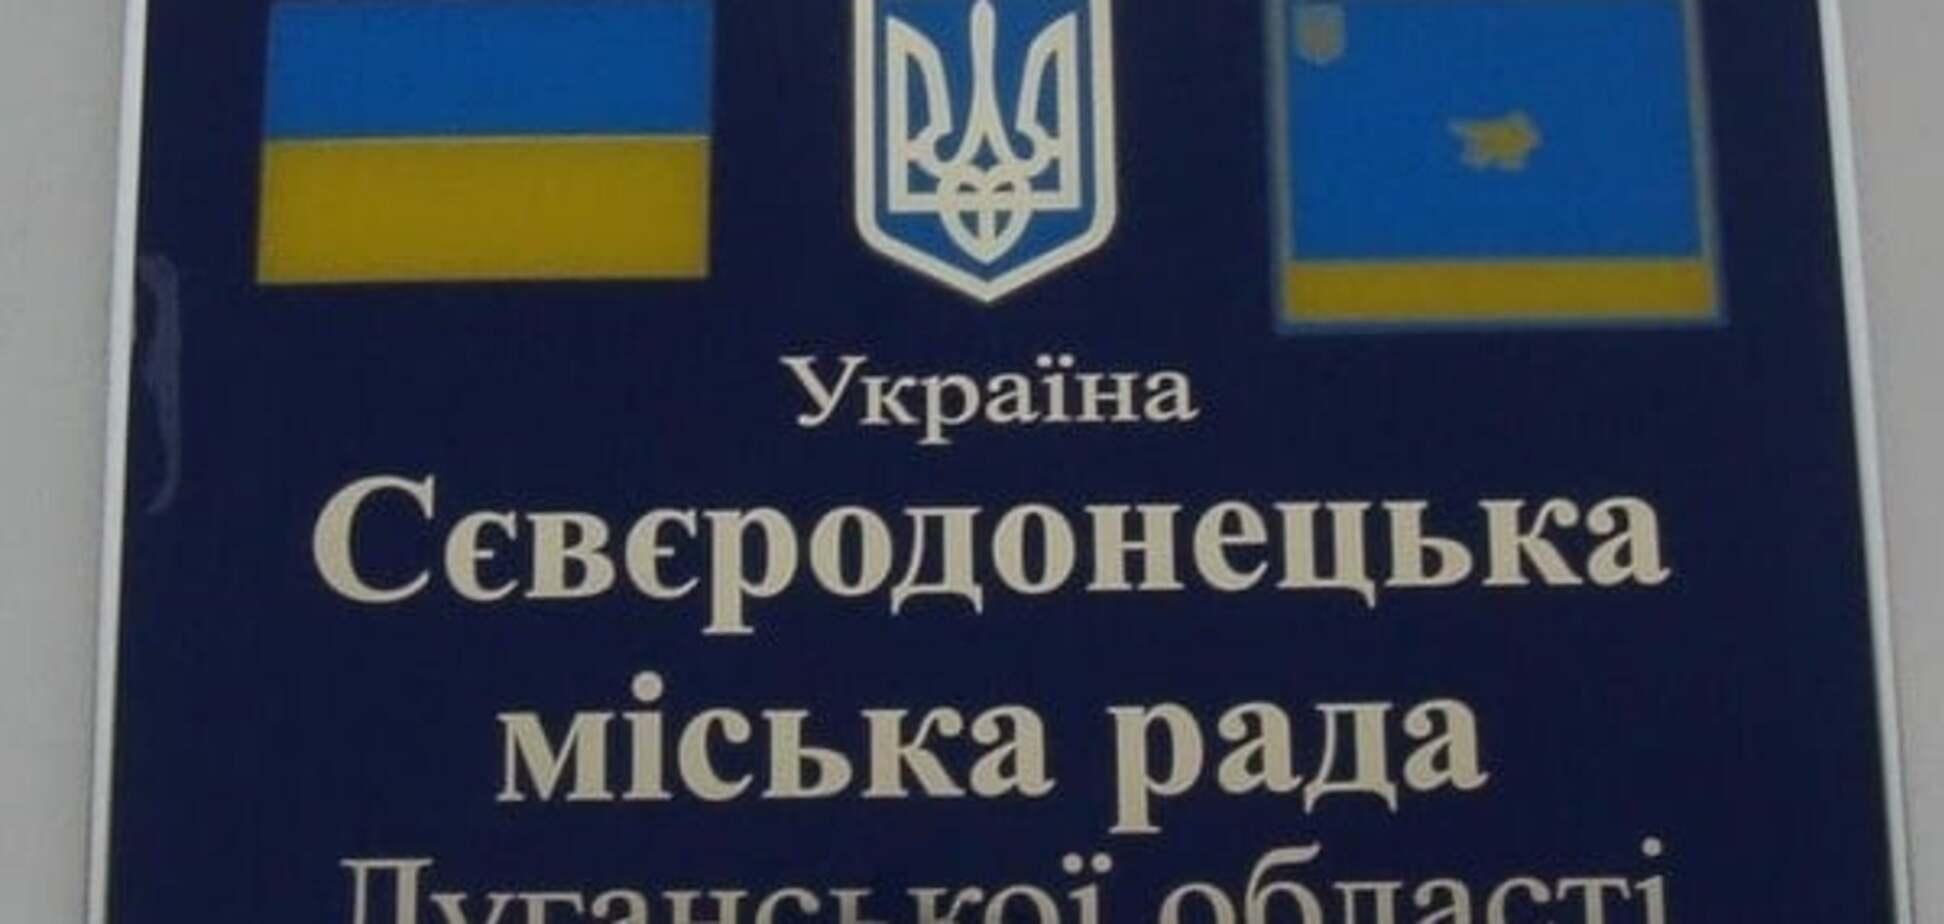 Яроша і ще двох депутатів покарали за заколот у Сєвєродонецьку